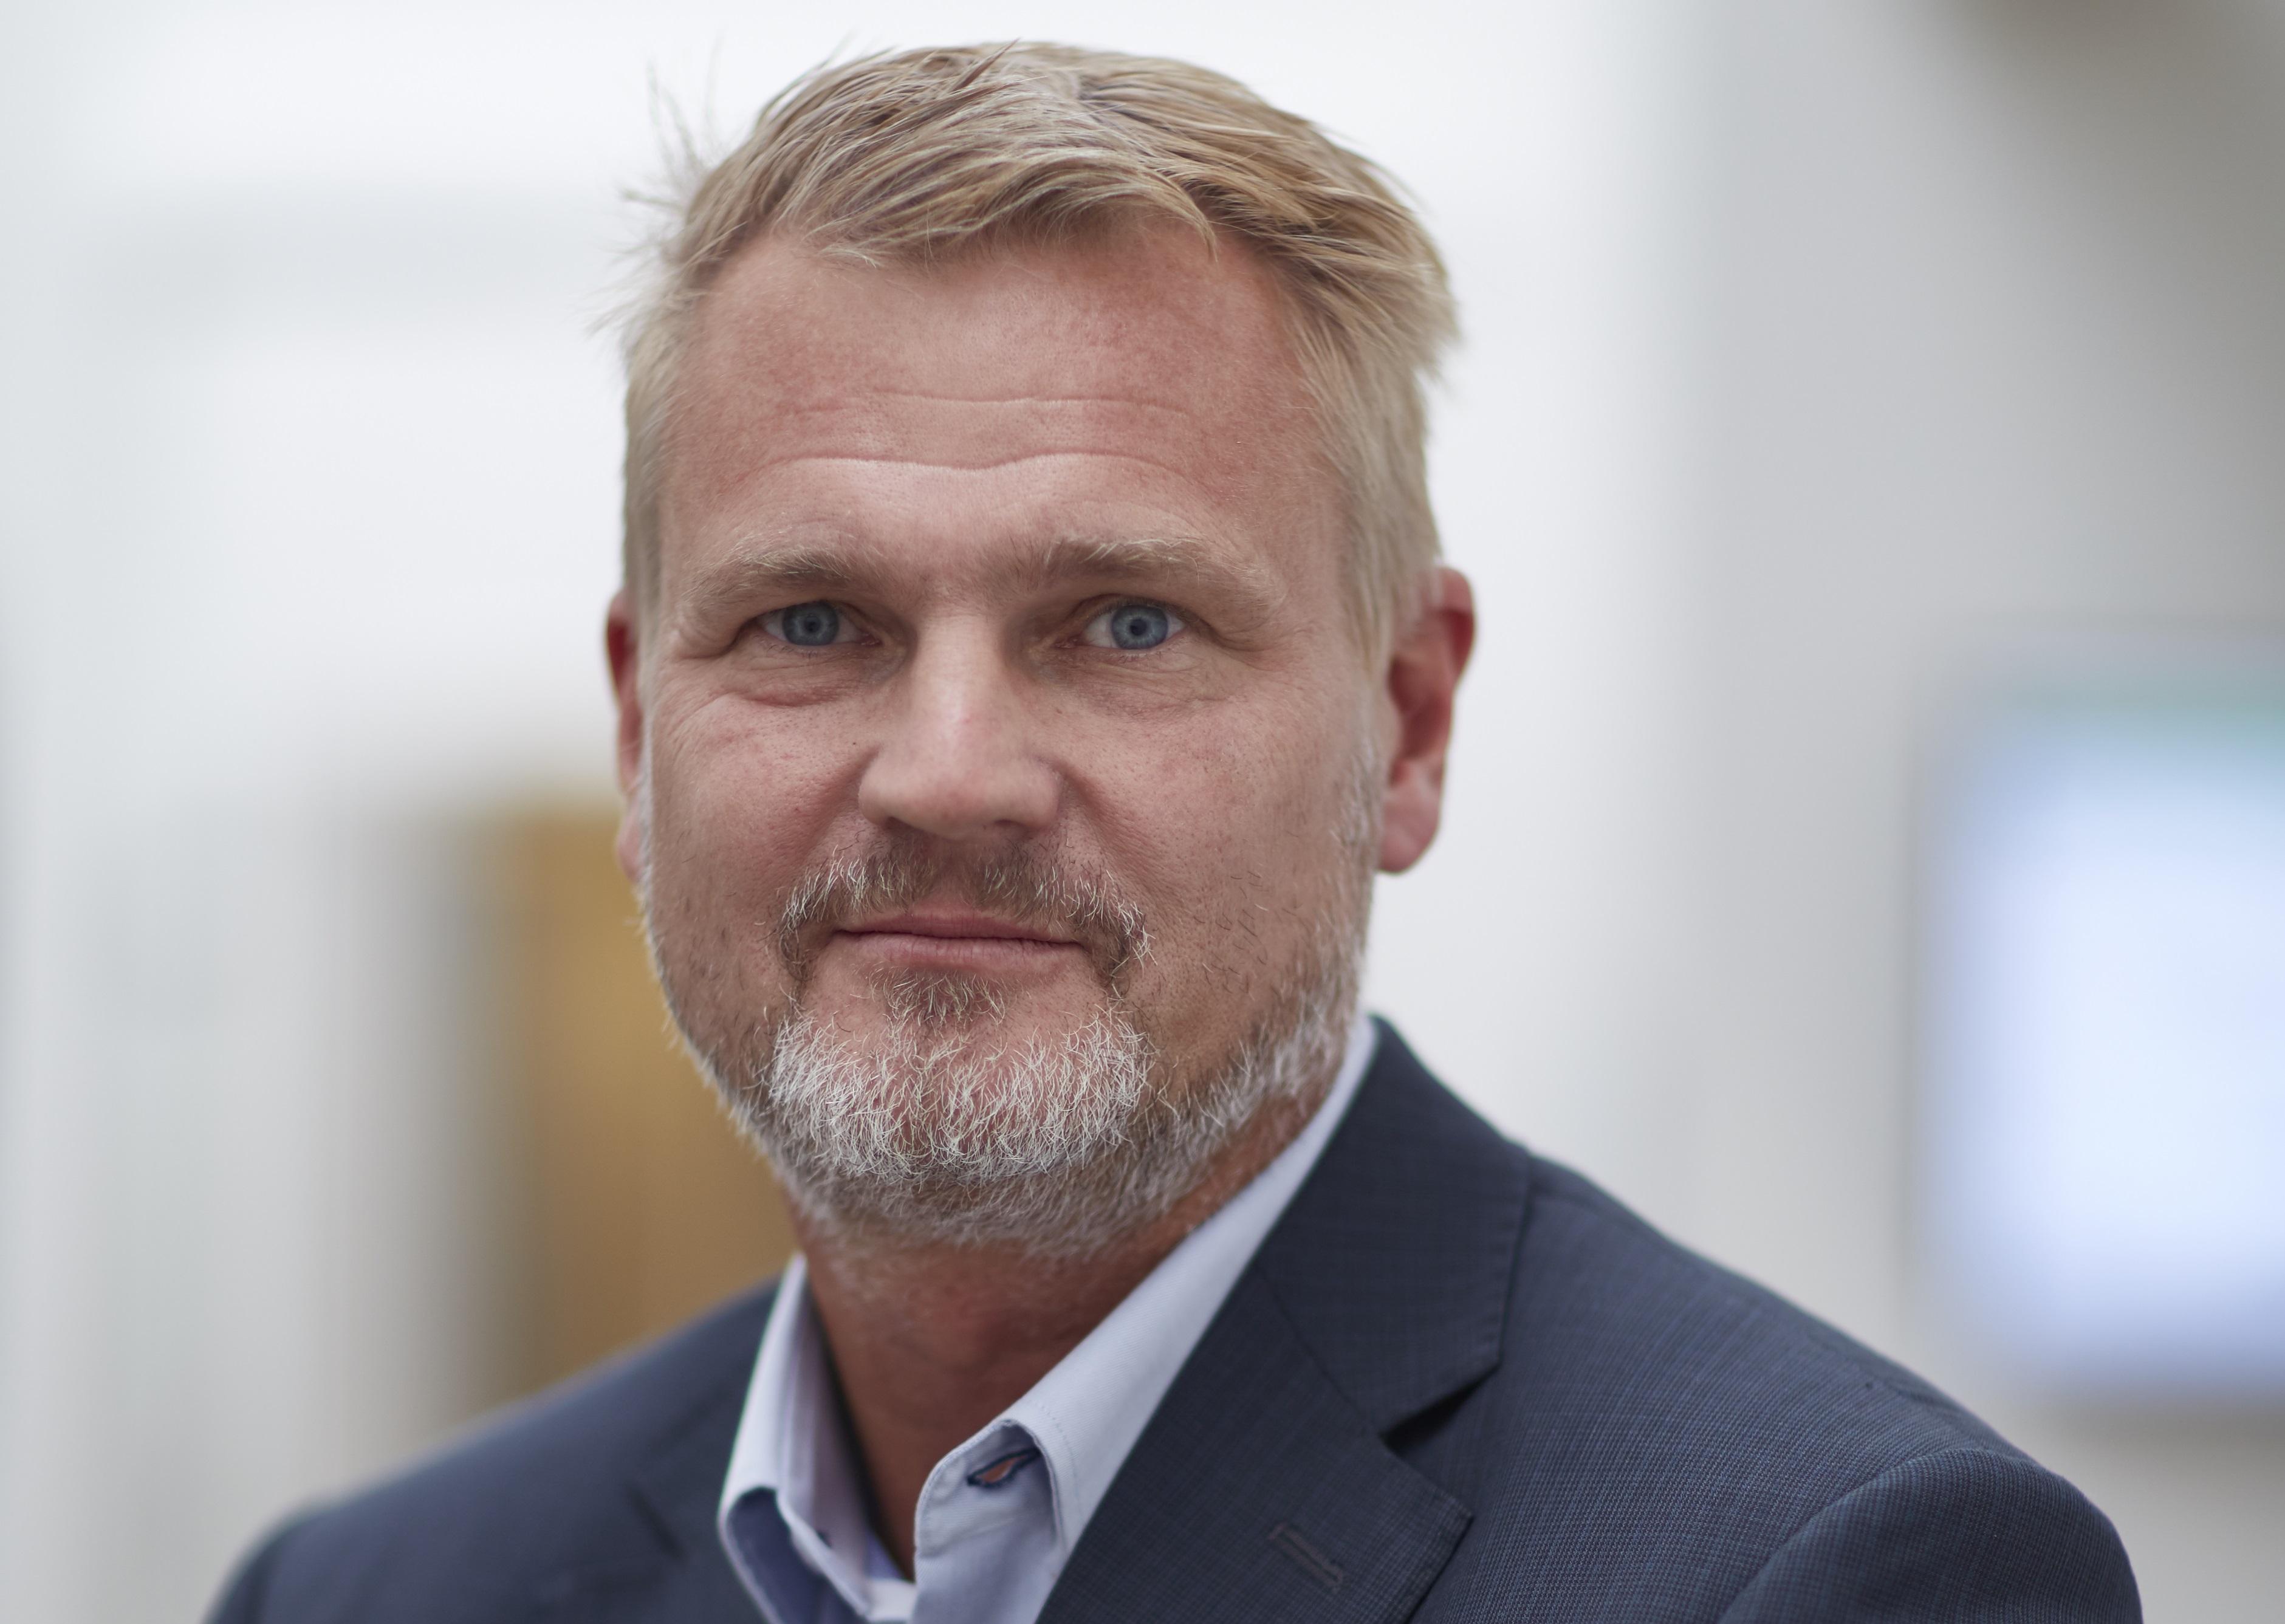 New head of Arla Sweden